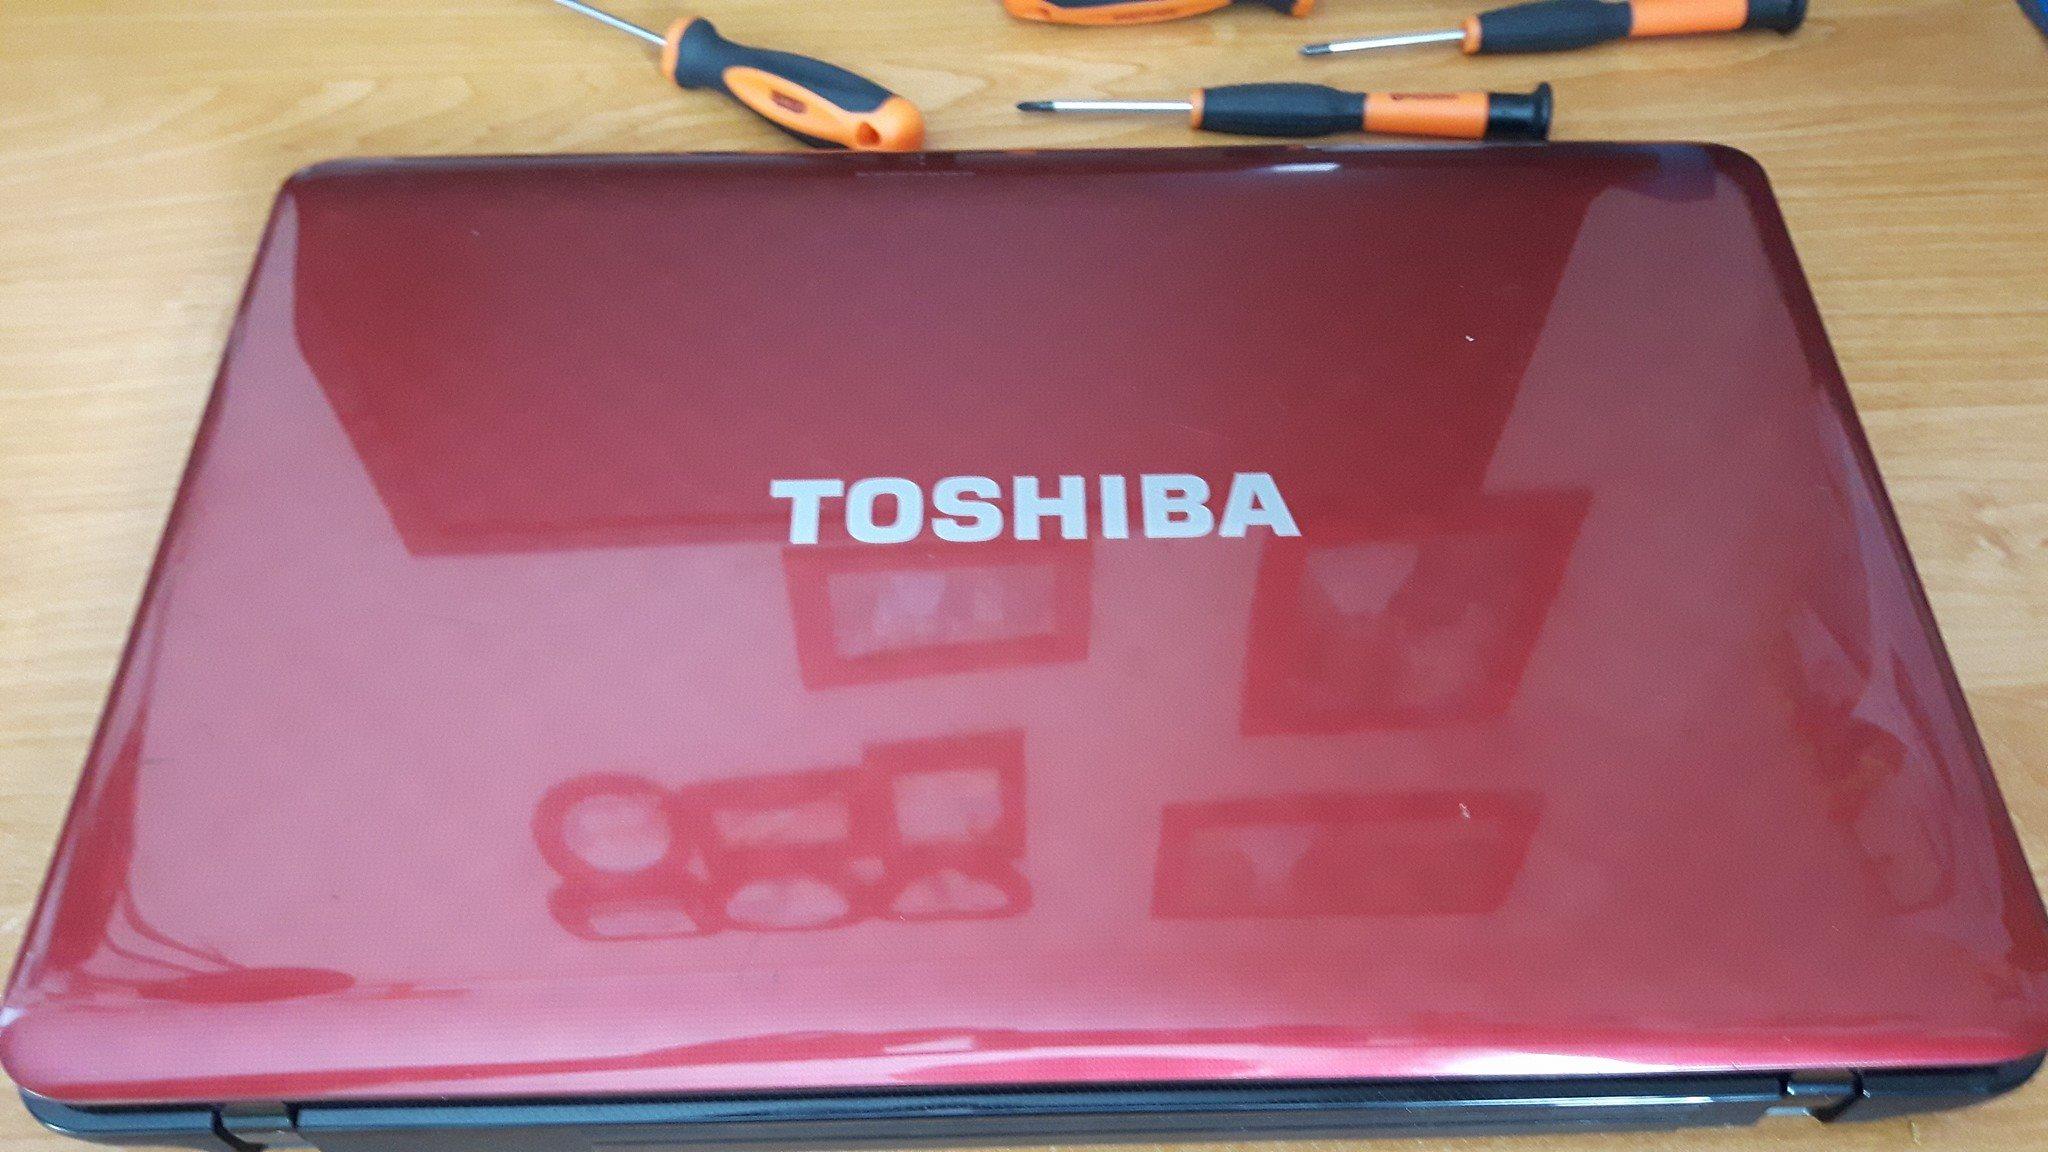 Serwisowanie laptopów toshiba